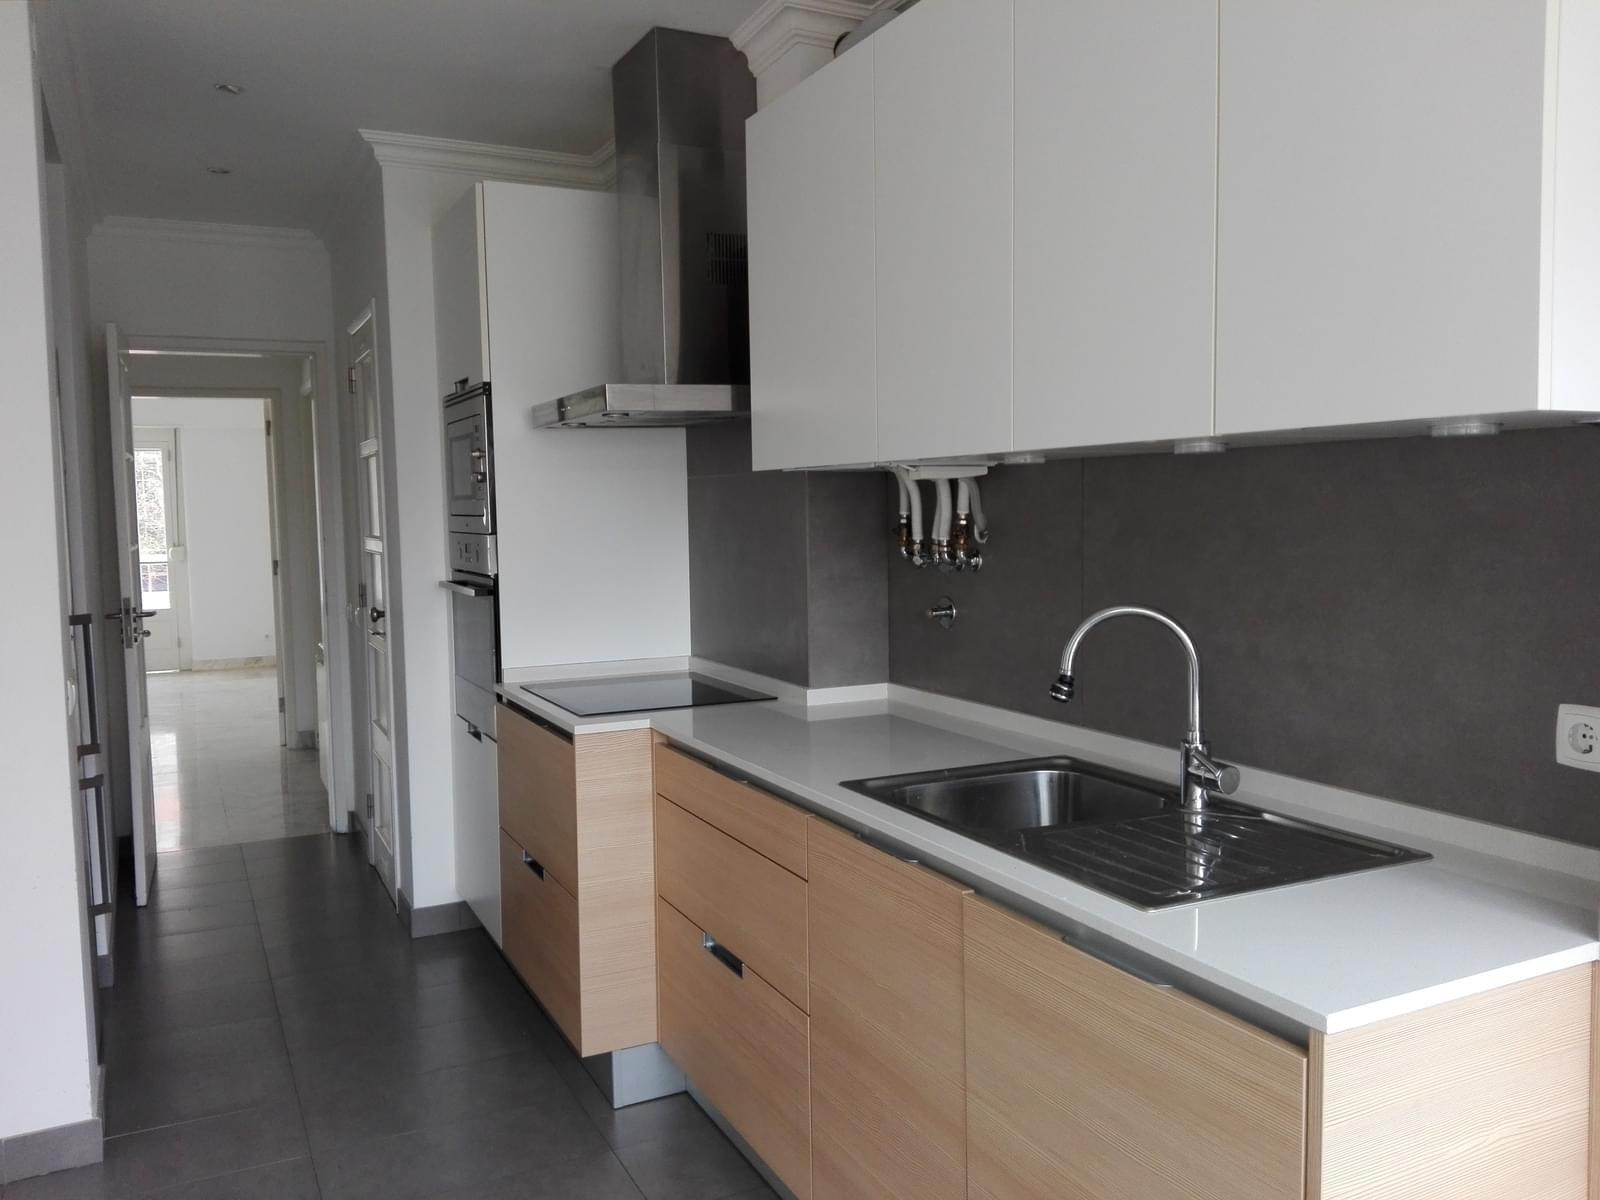 pf17056-apartamento-t4-1-lisboa-2ce4542a-eeee-4ec3-91b4-56bd427e03c1